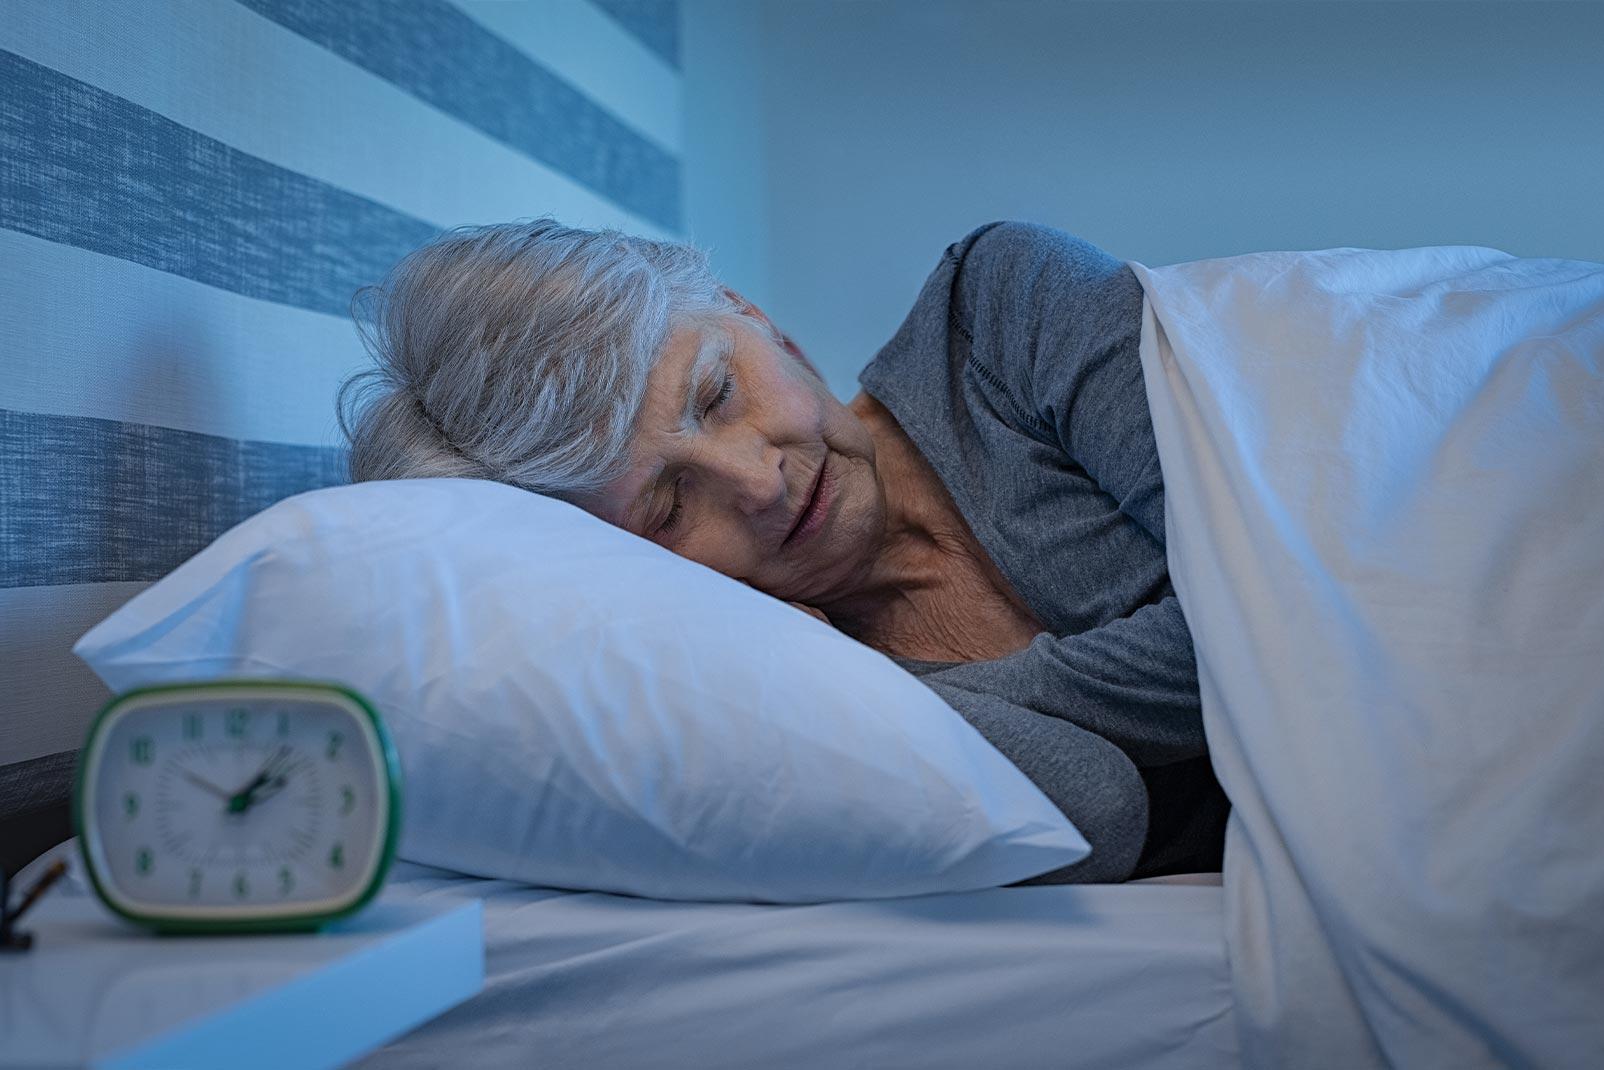 Schlafende ältere Frau auf Kissen liegend